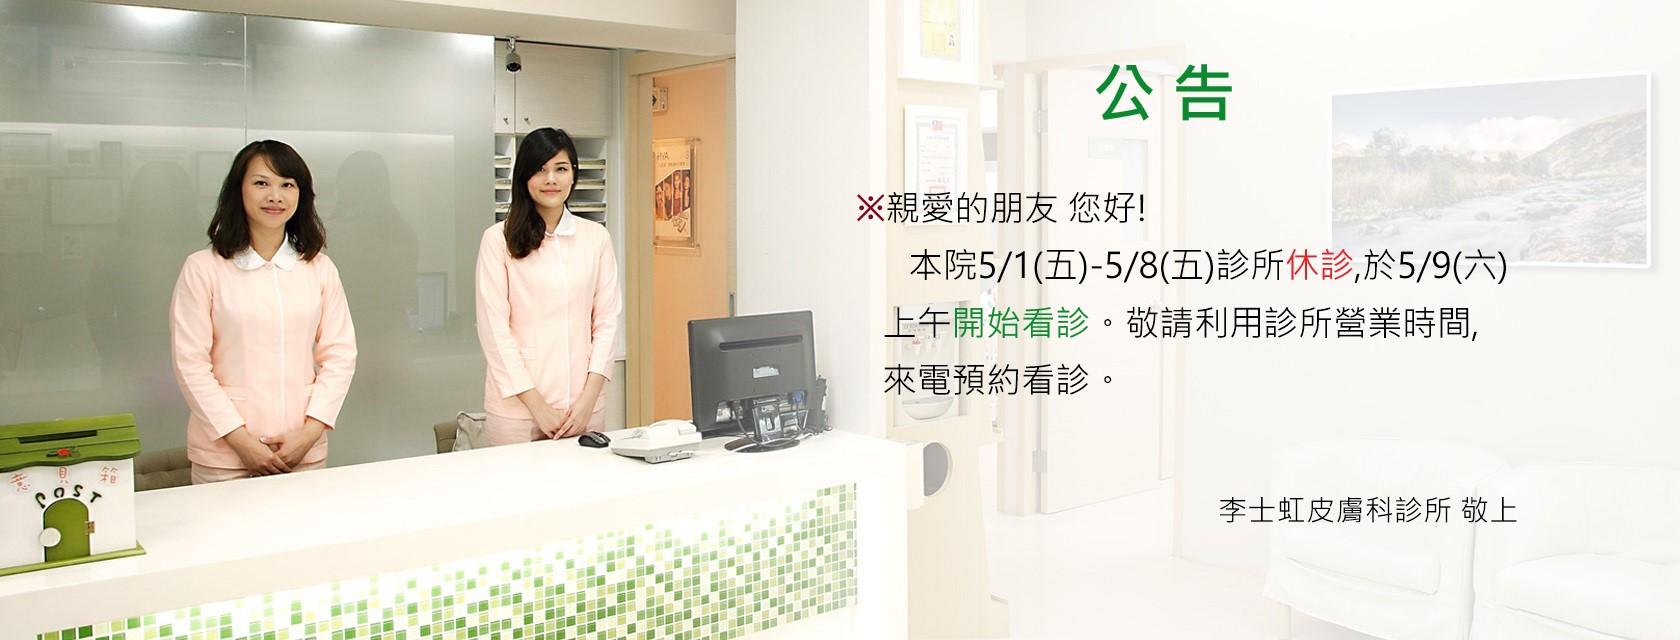 李士虹皮膚科網站底圖banner - 複製 (6)